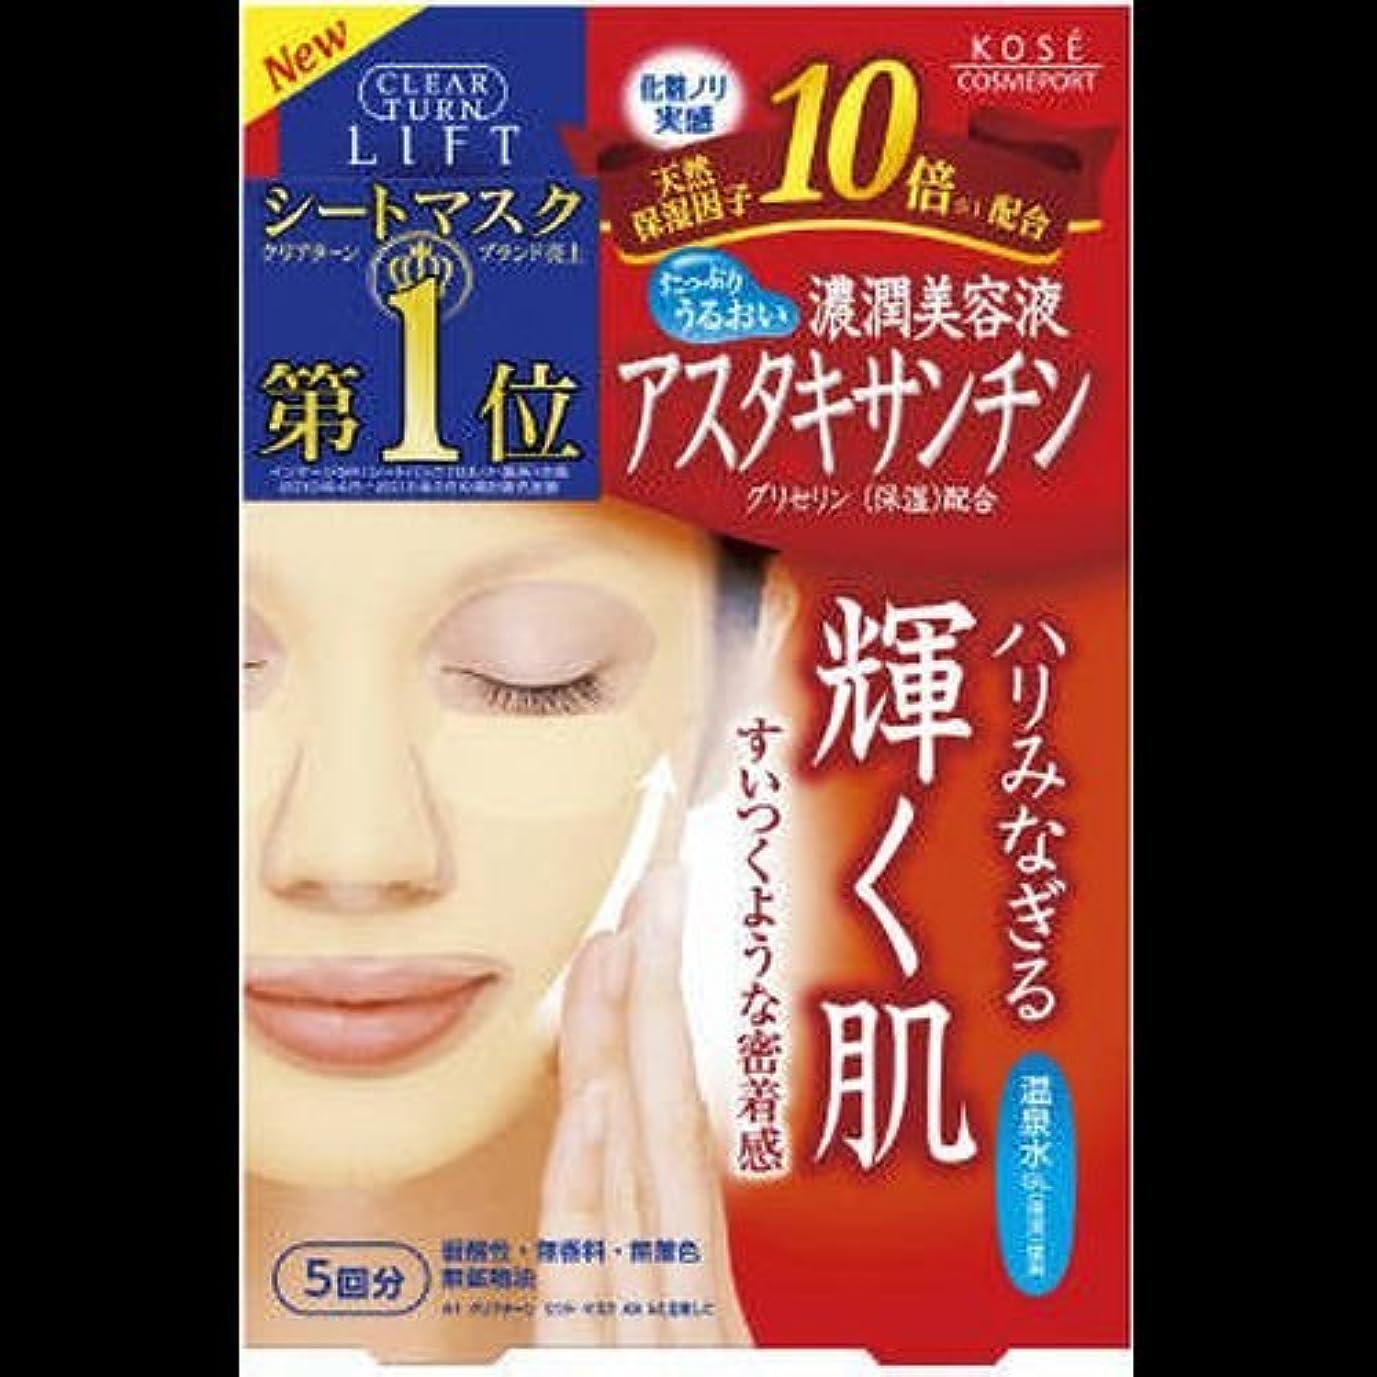 ヒギンズカレンダー満員クリアターン リフト マスク AS c (アスタキサンチン) 5回分 ×2セット